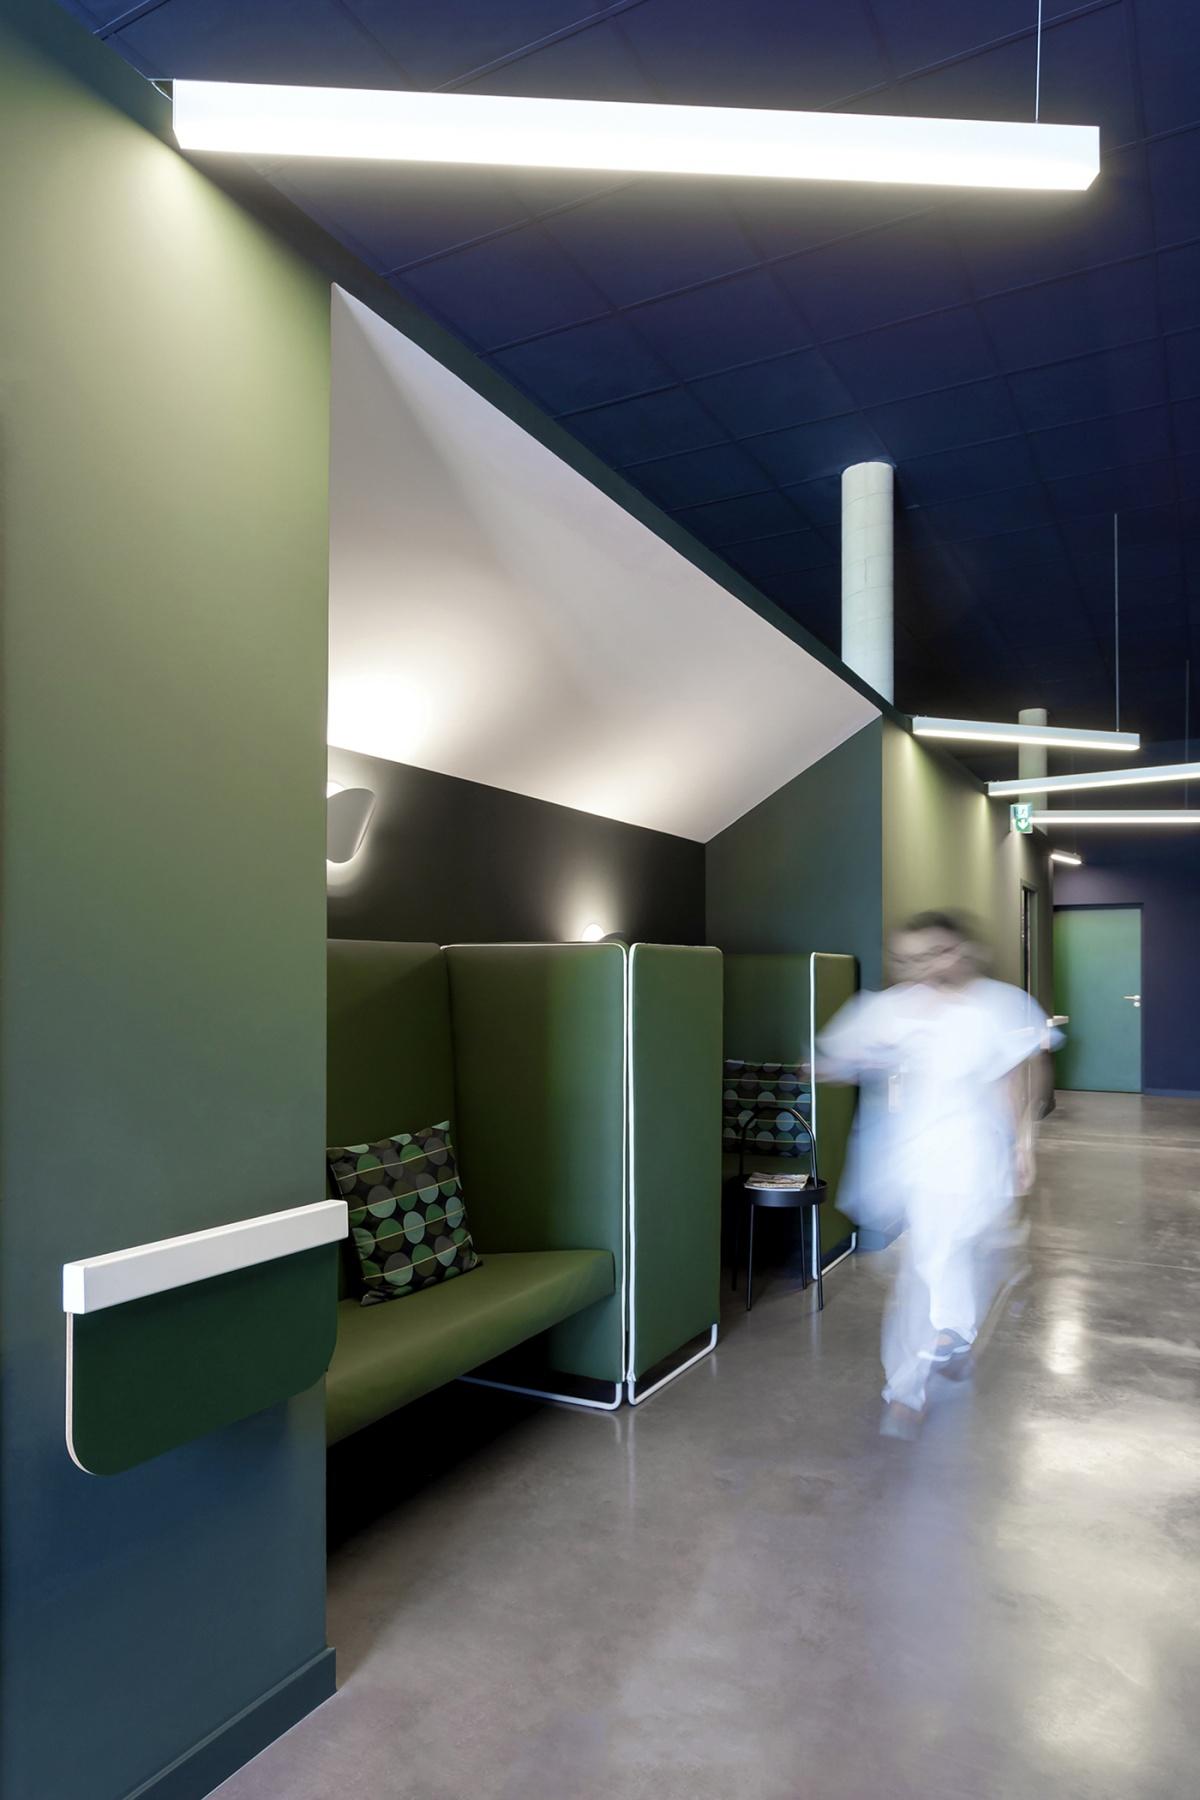 Centre d'imagerie médicale - L'Imagerie